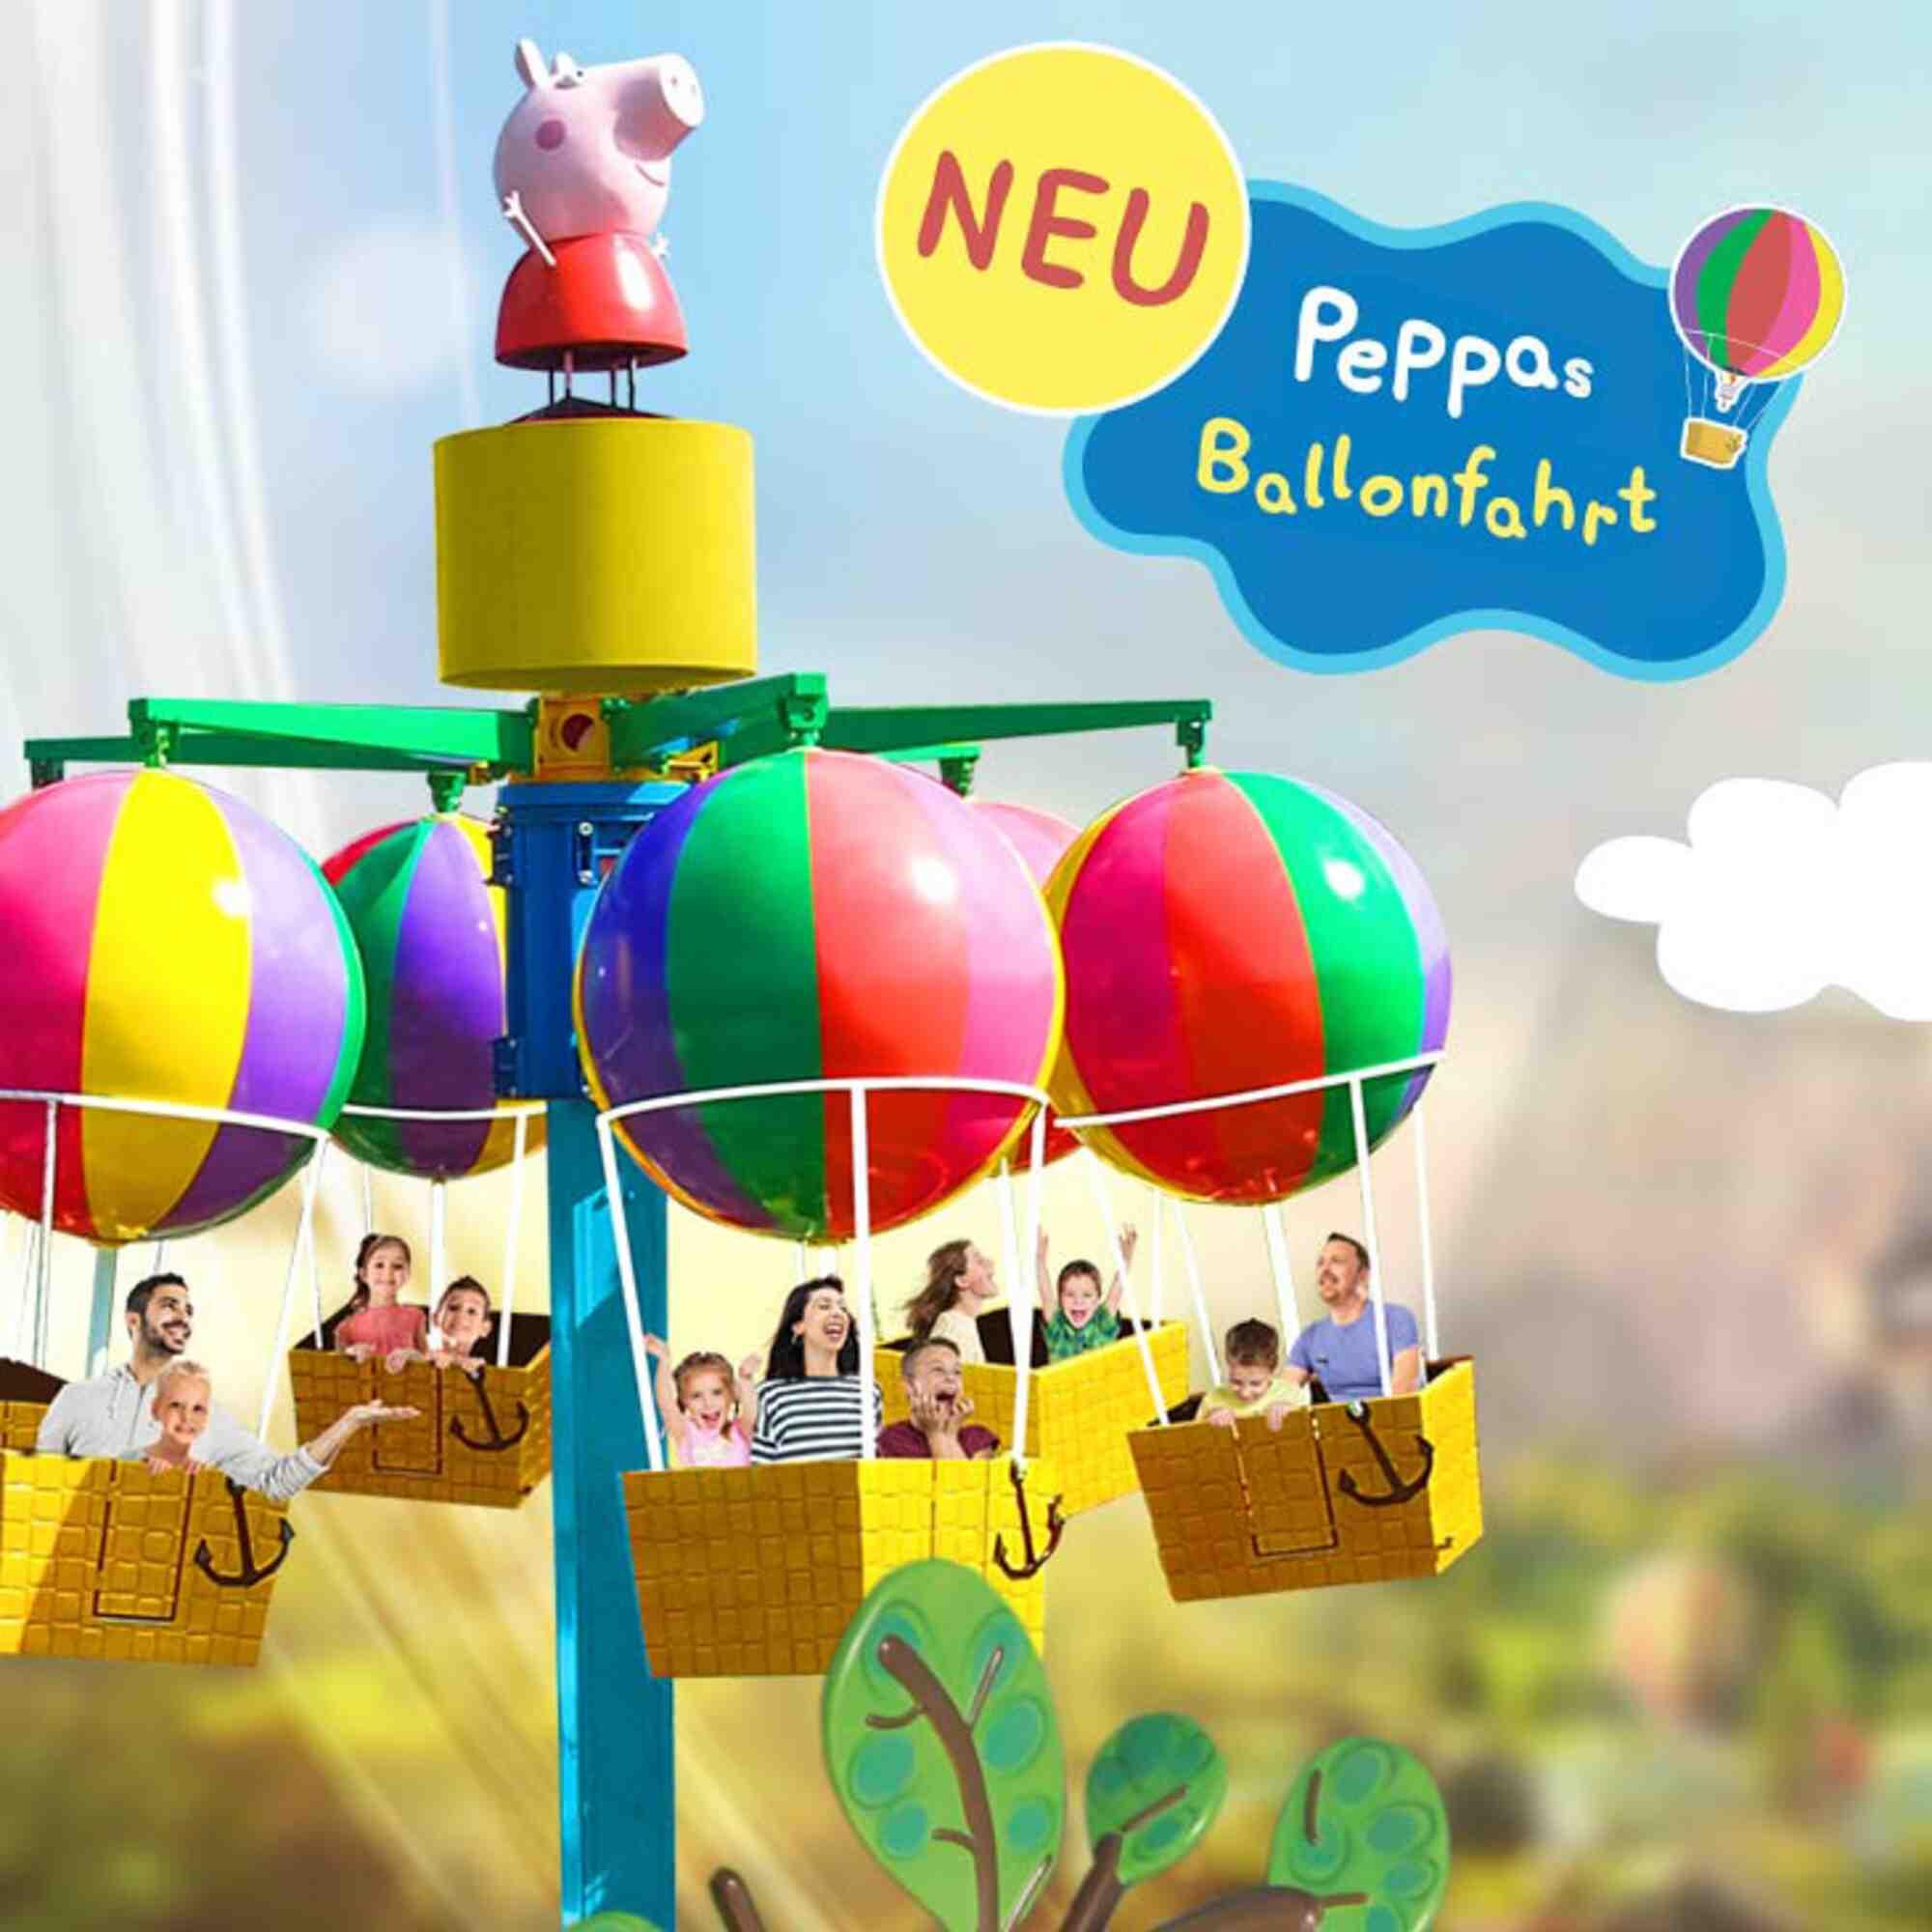 (c)Heide Park - Peppa Ballonfahrt